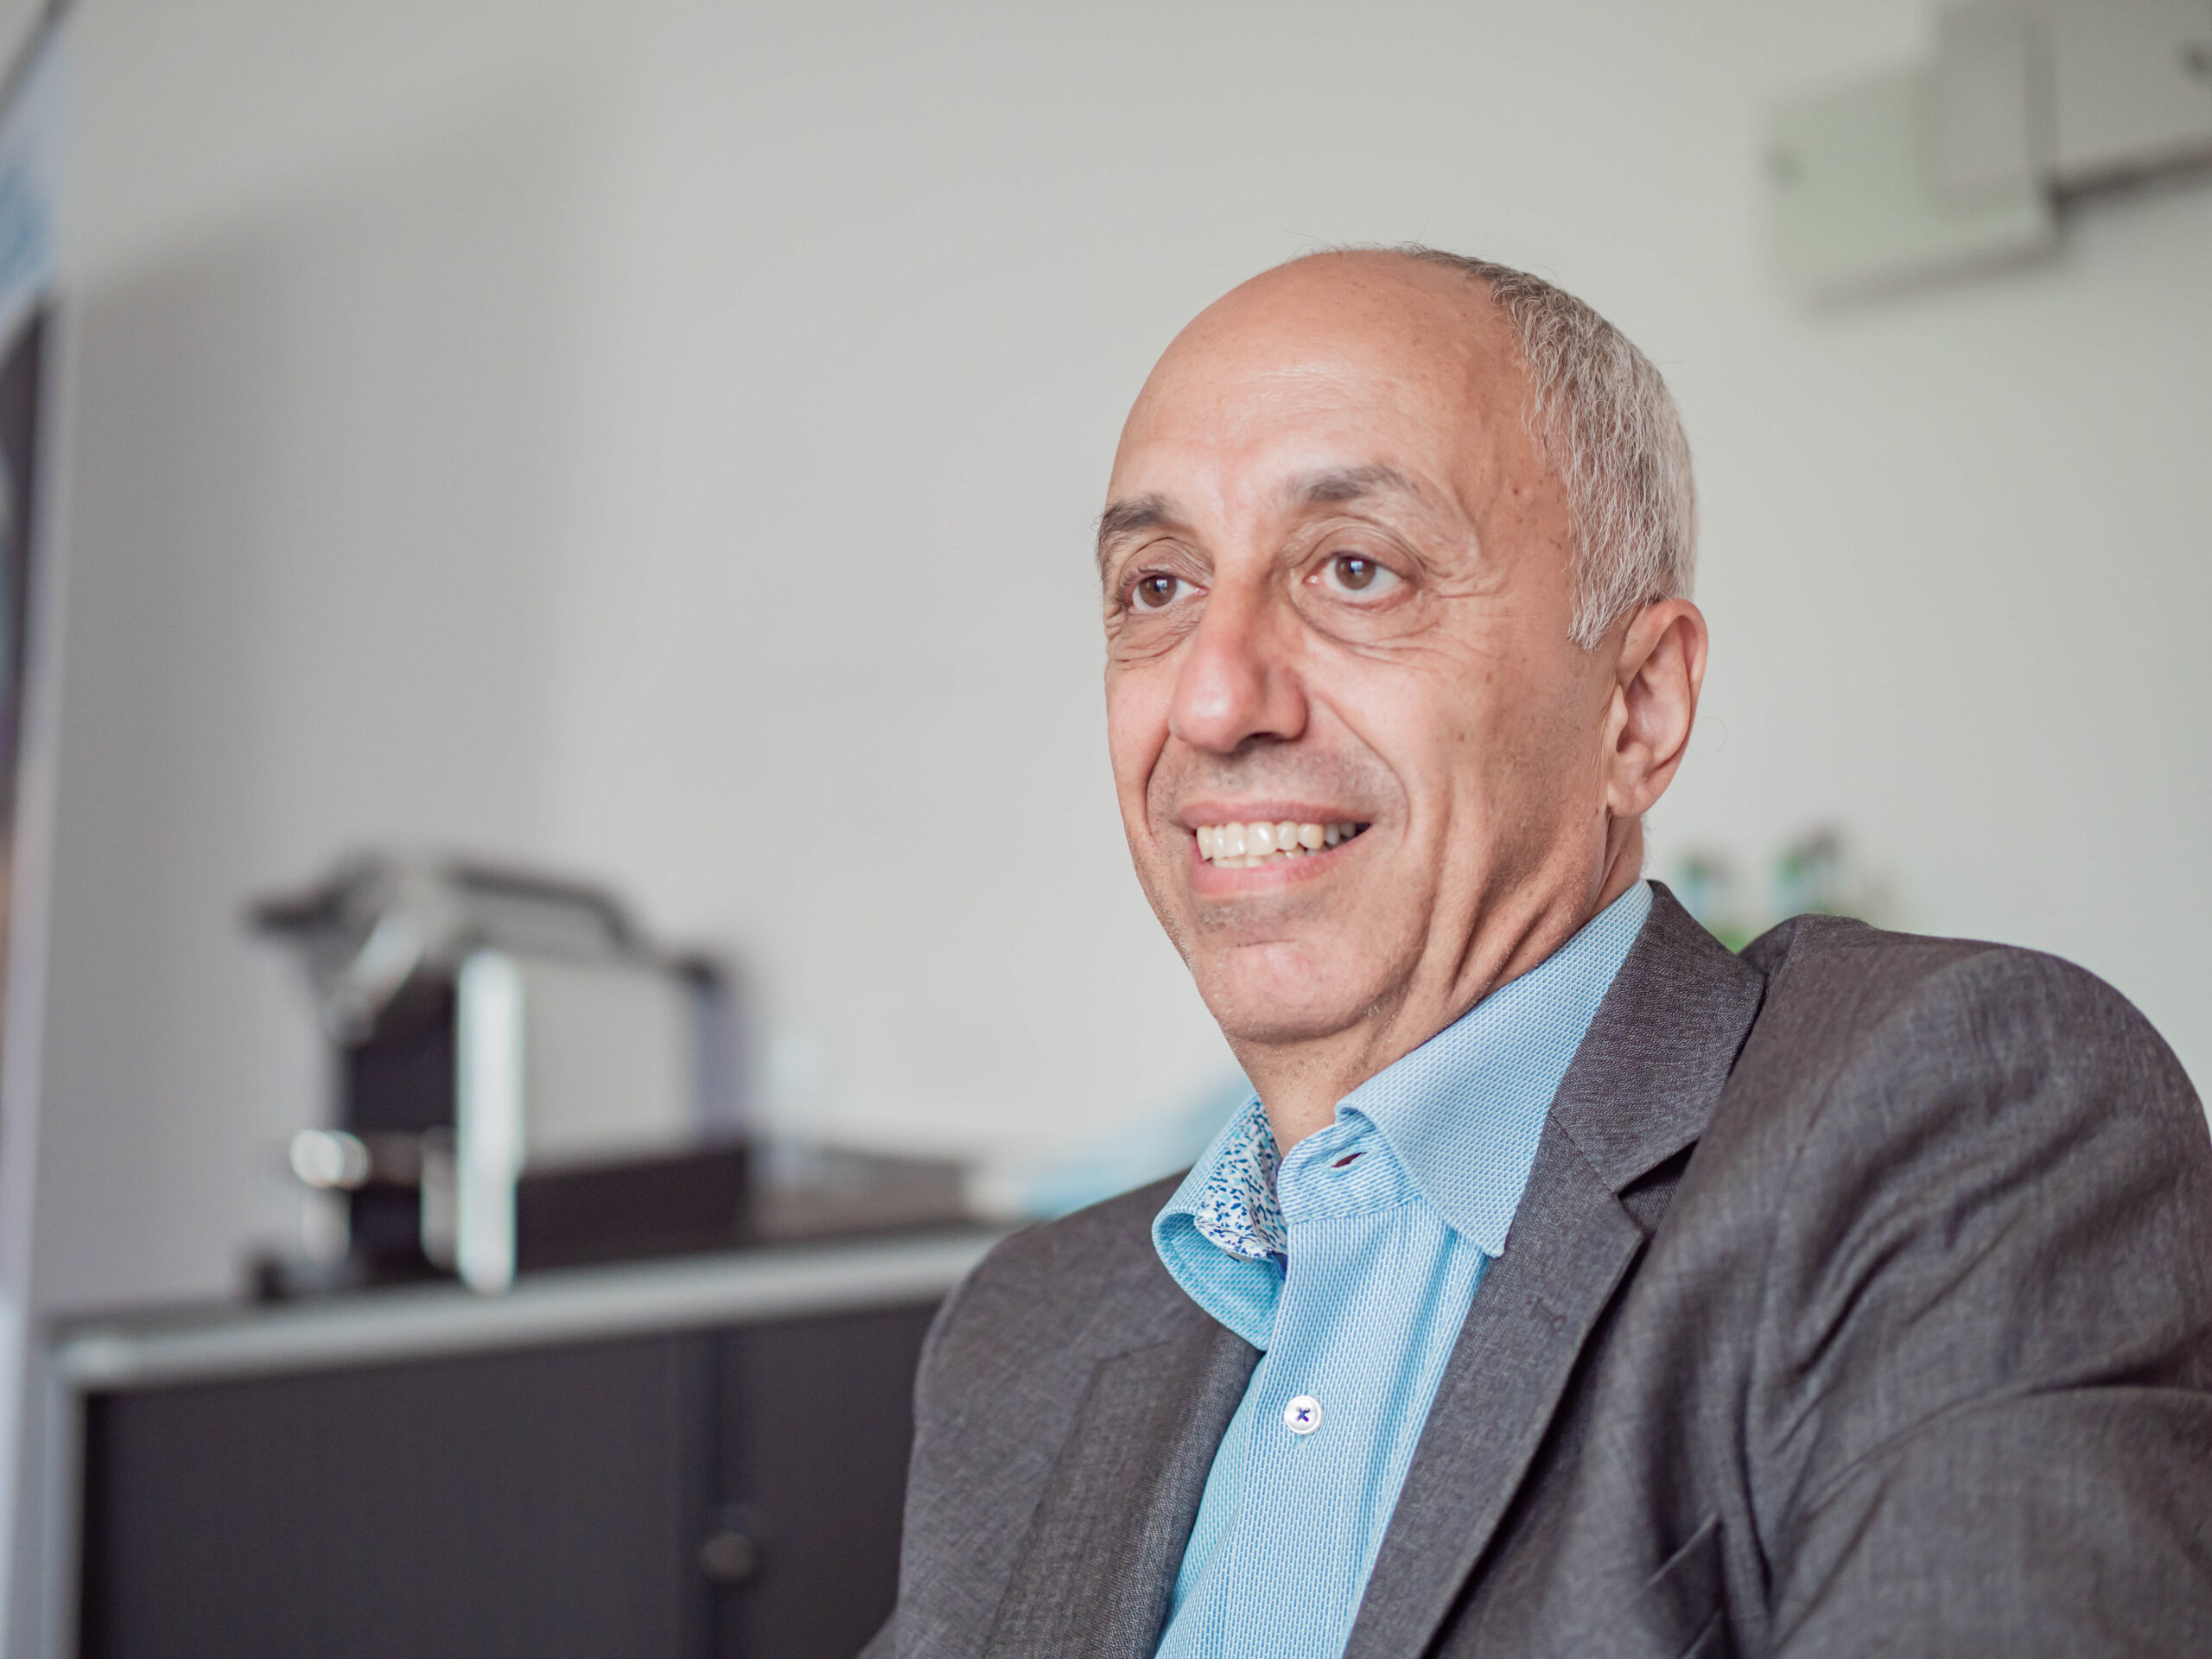 Serge                                                    Quazzotti                                                    - Directeur